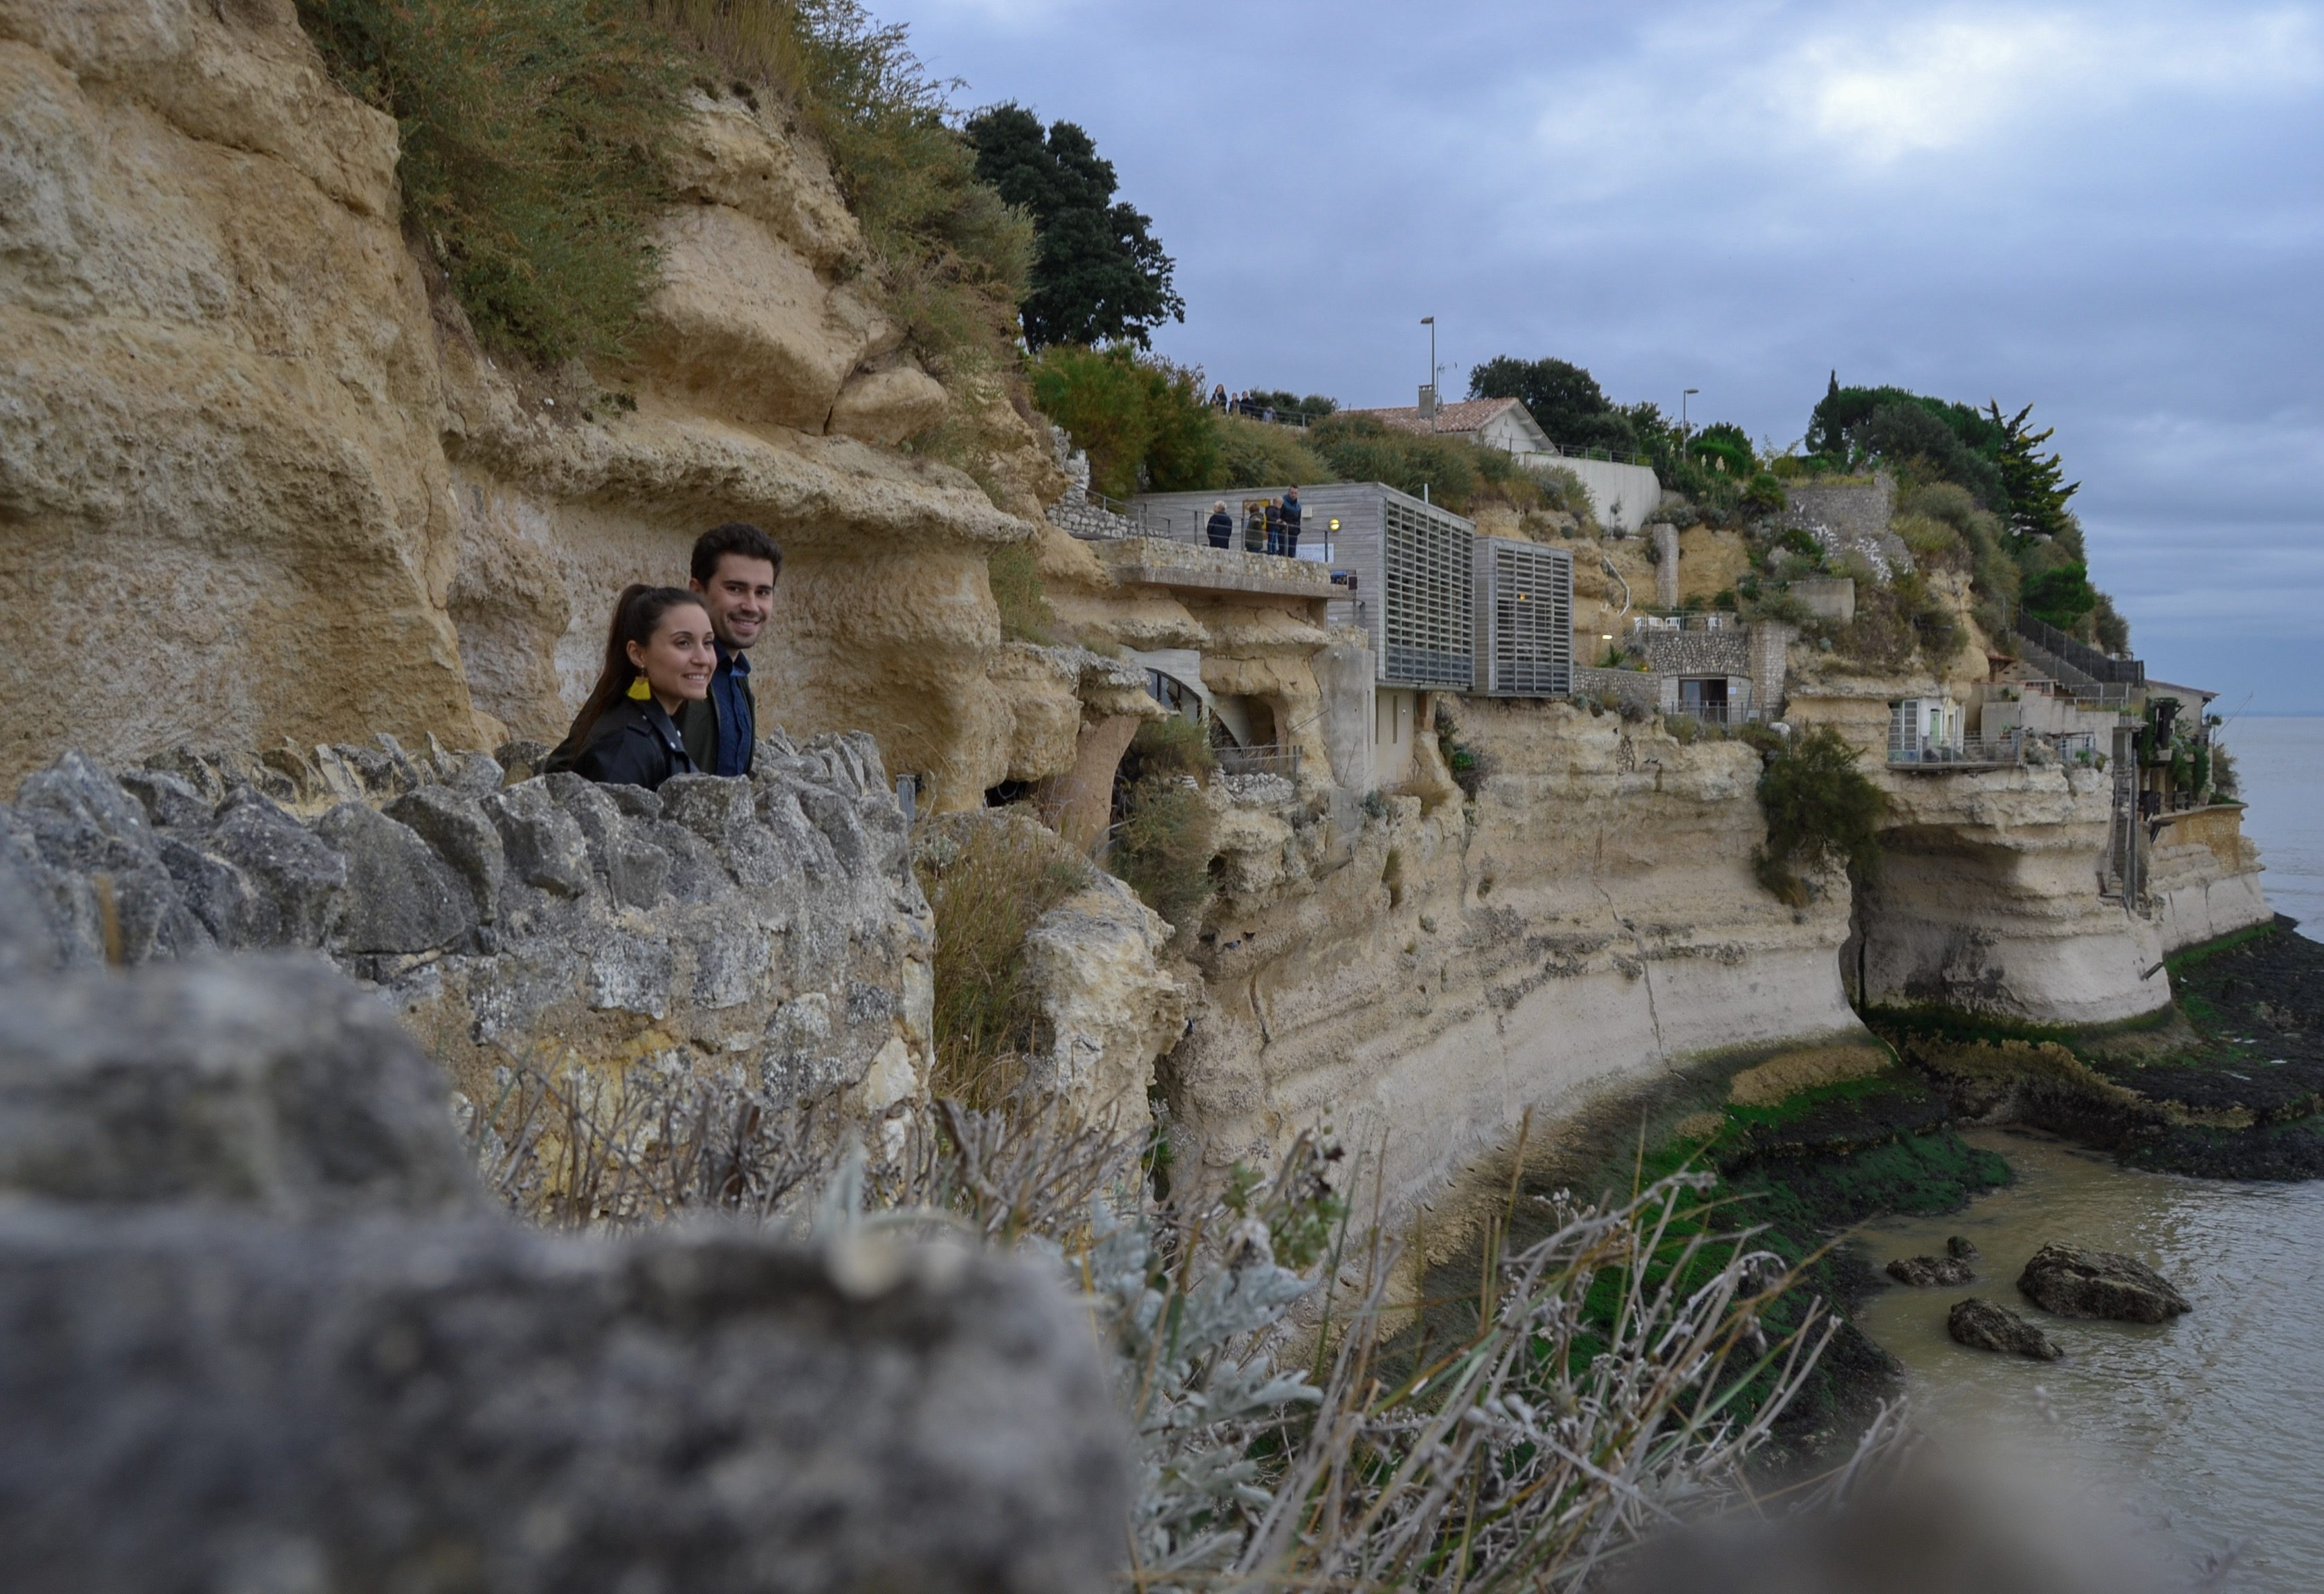 grottes-du-regulus-meschers-sur-gironde-grotte-troglodyte-royan-visite-grottes-les-ptits-touristes-blog-voyage